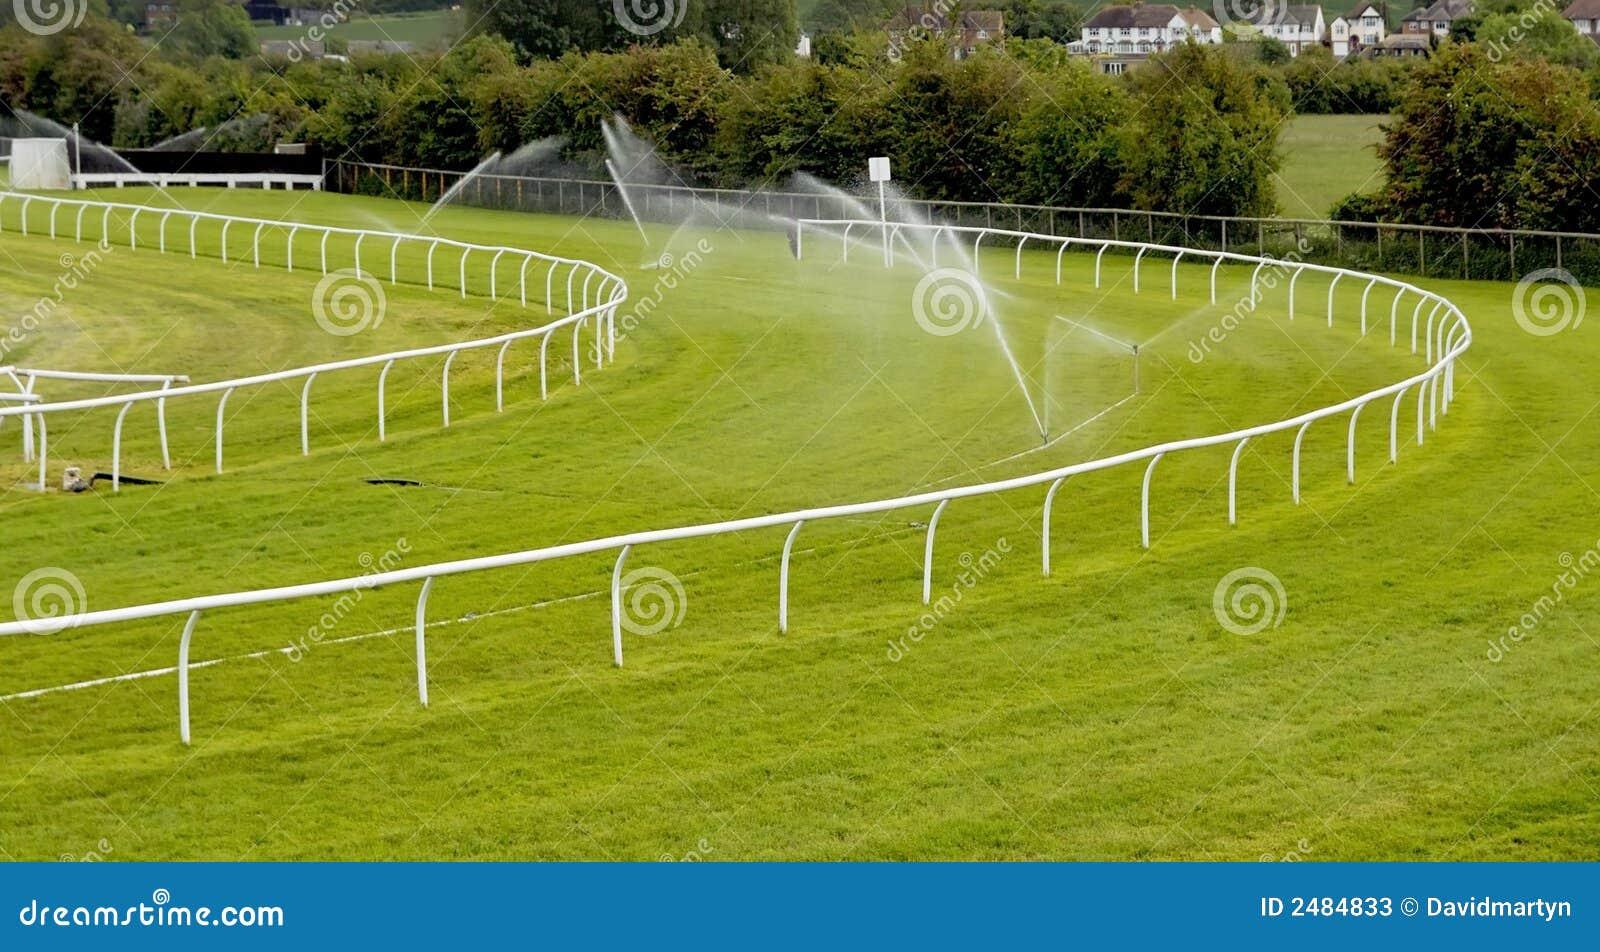 跑马场喷水隆头